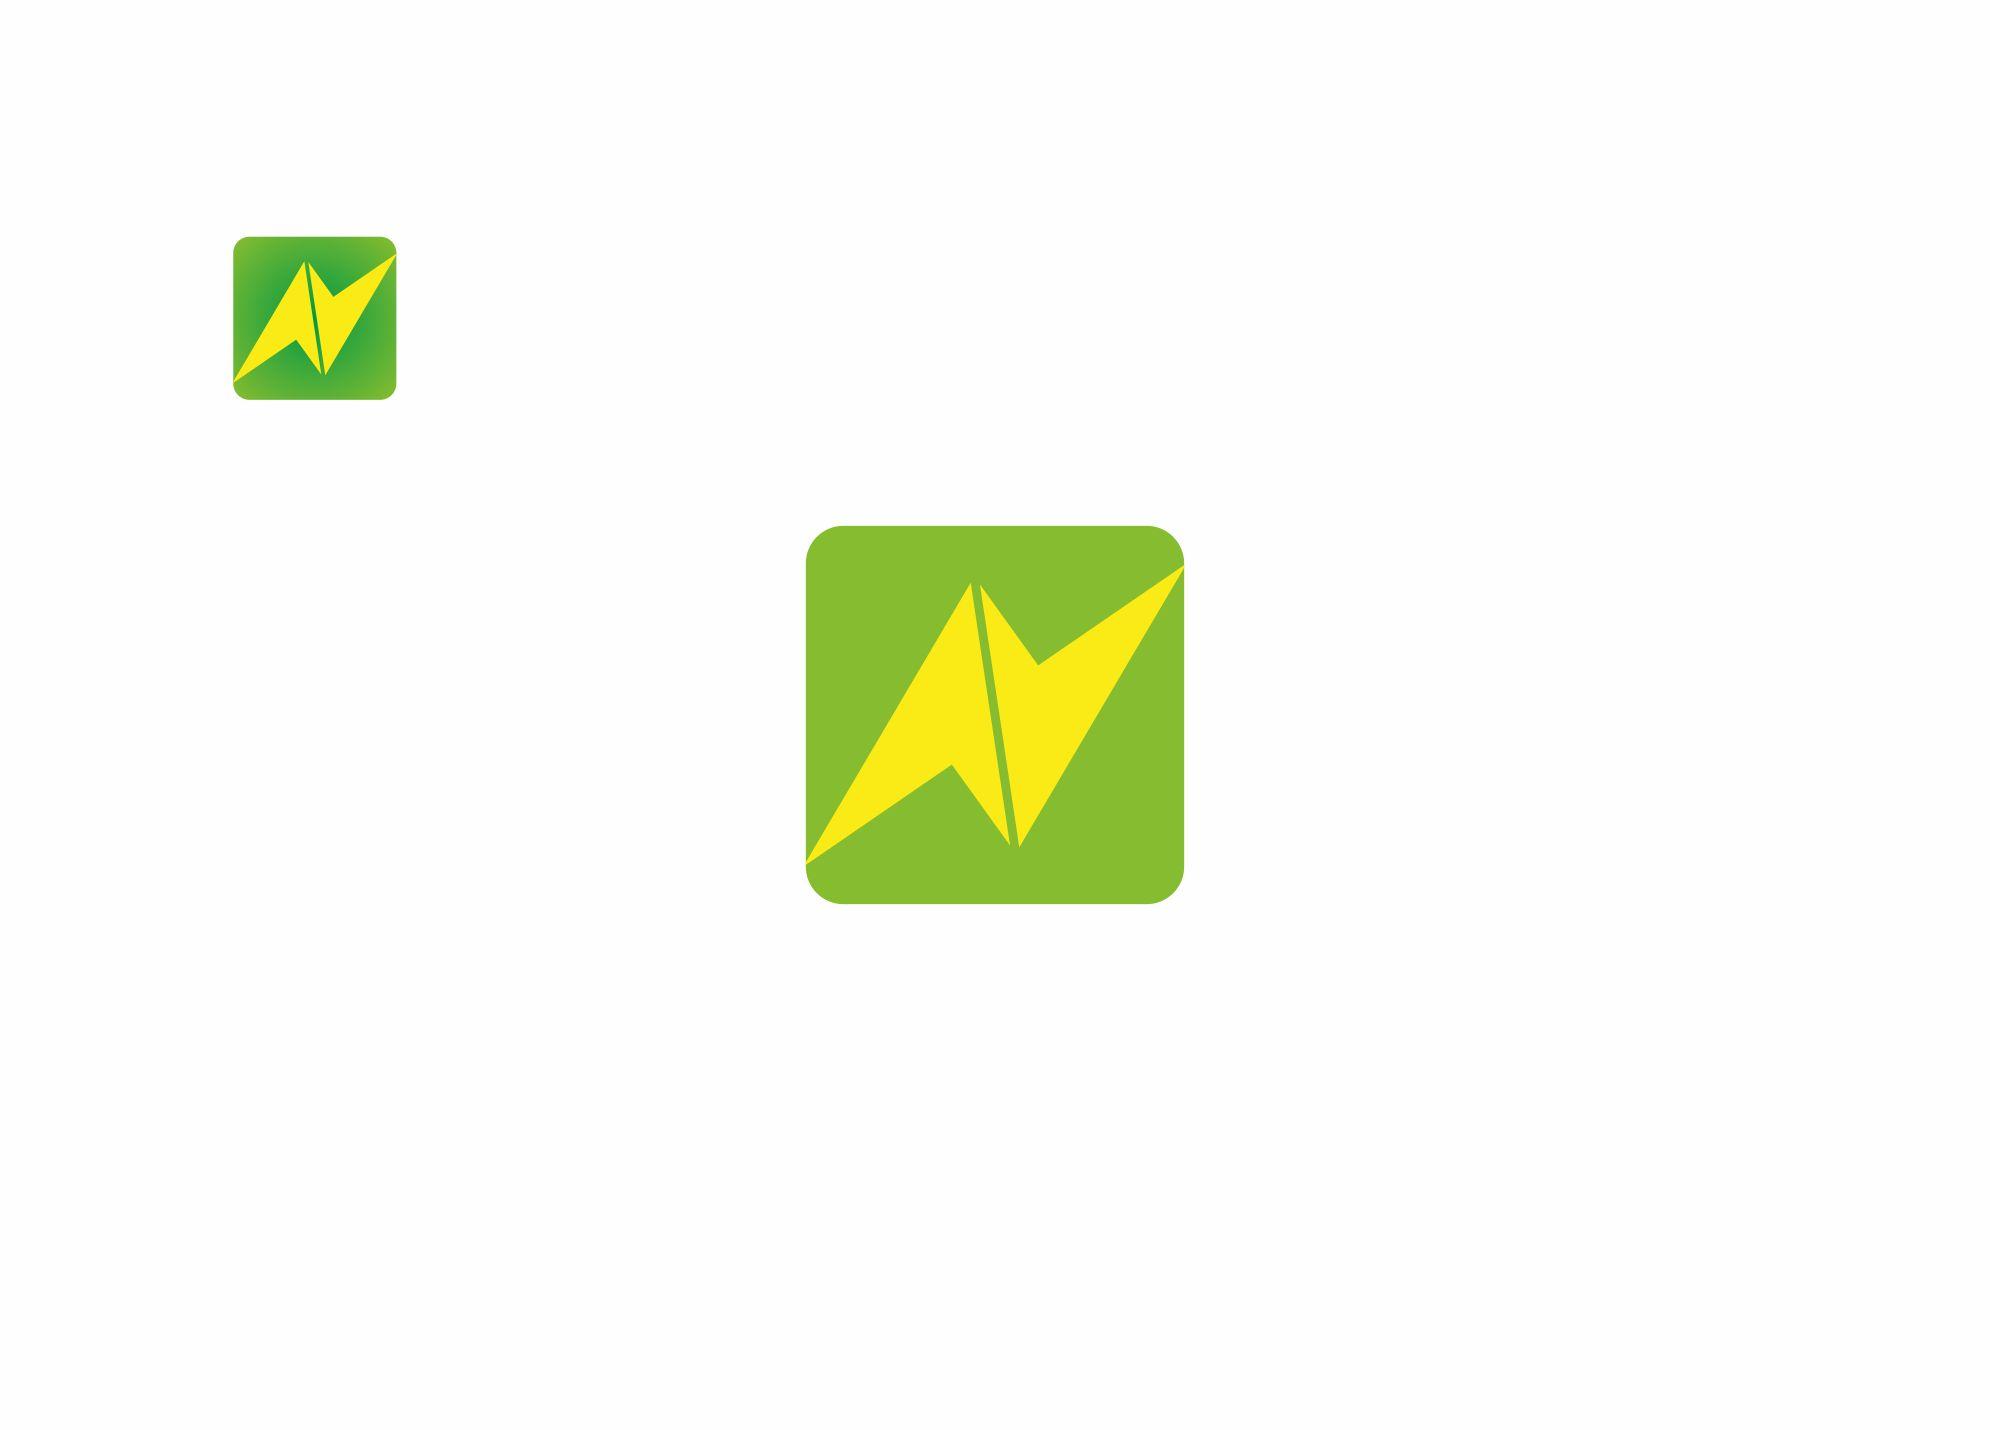 Классный логотип для новой fintech-компании - дизайнер IGOR-GOR